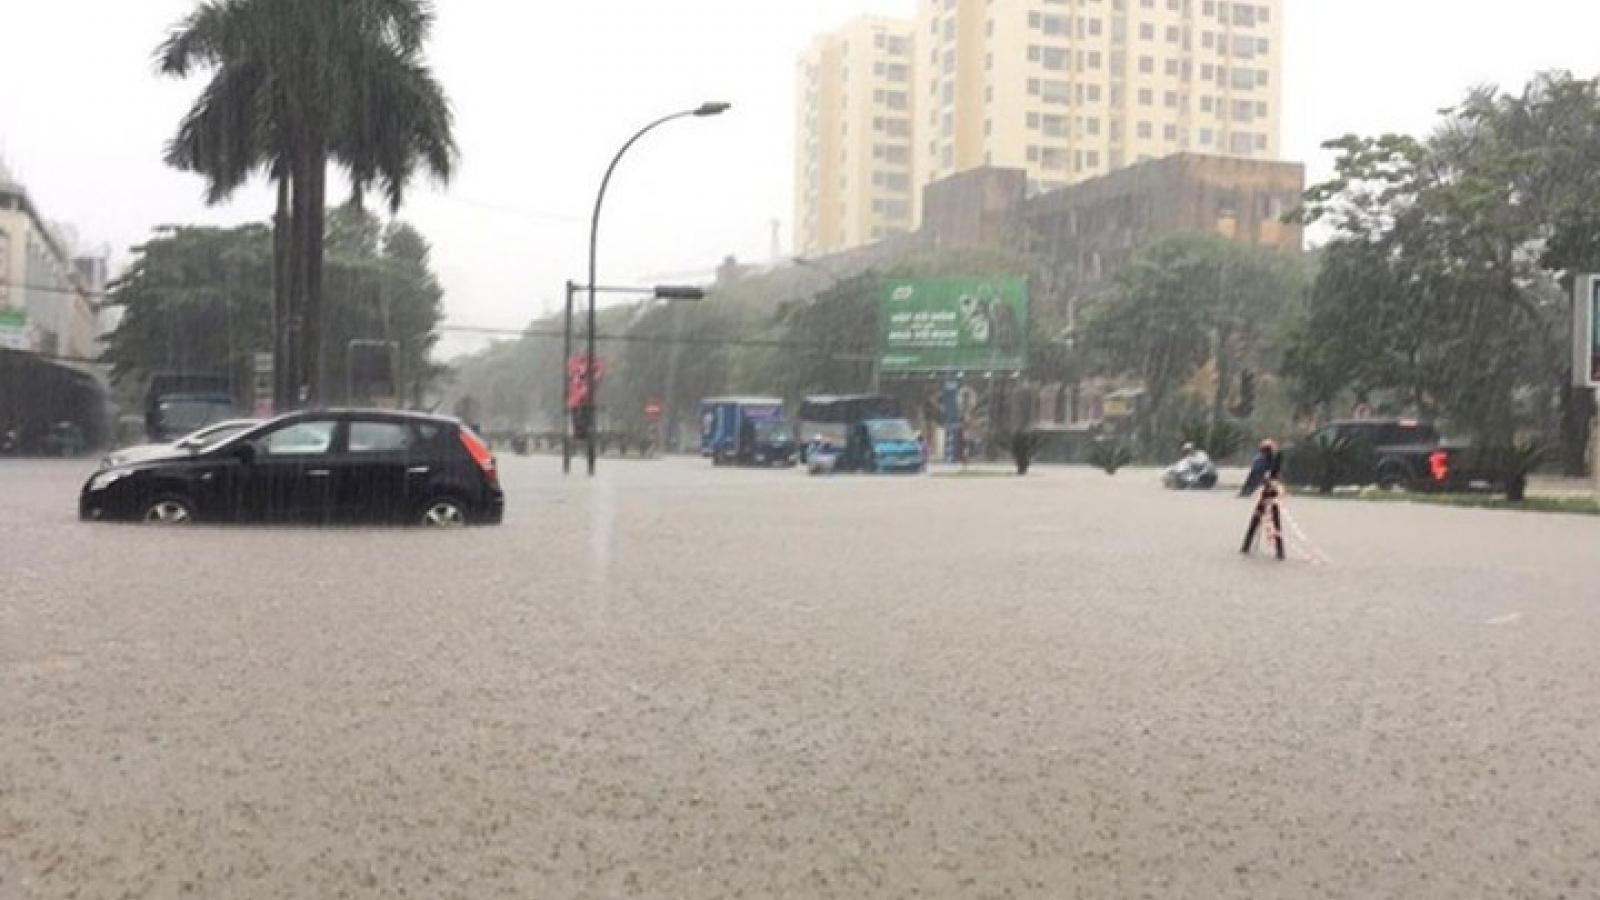 Hoàn lưu của bão tiếp tục gây mưa lớn trong những ngày tới ở Bắc Bộ